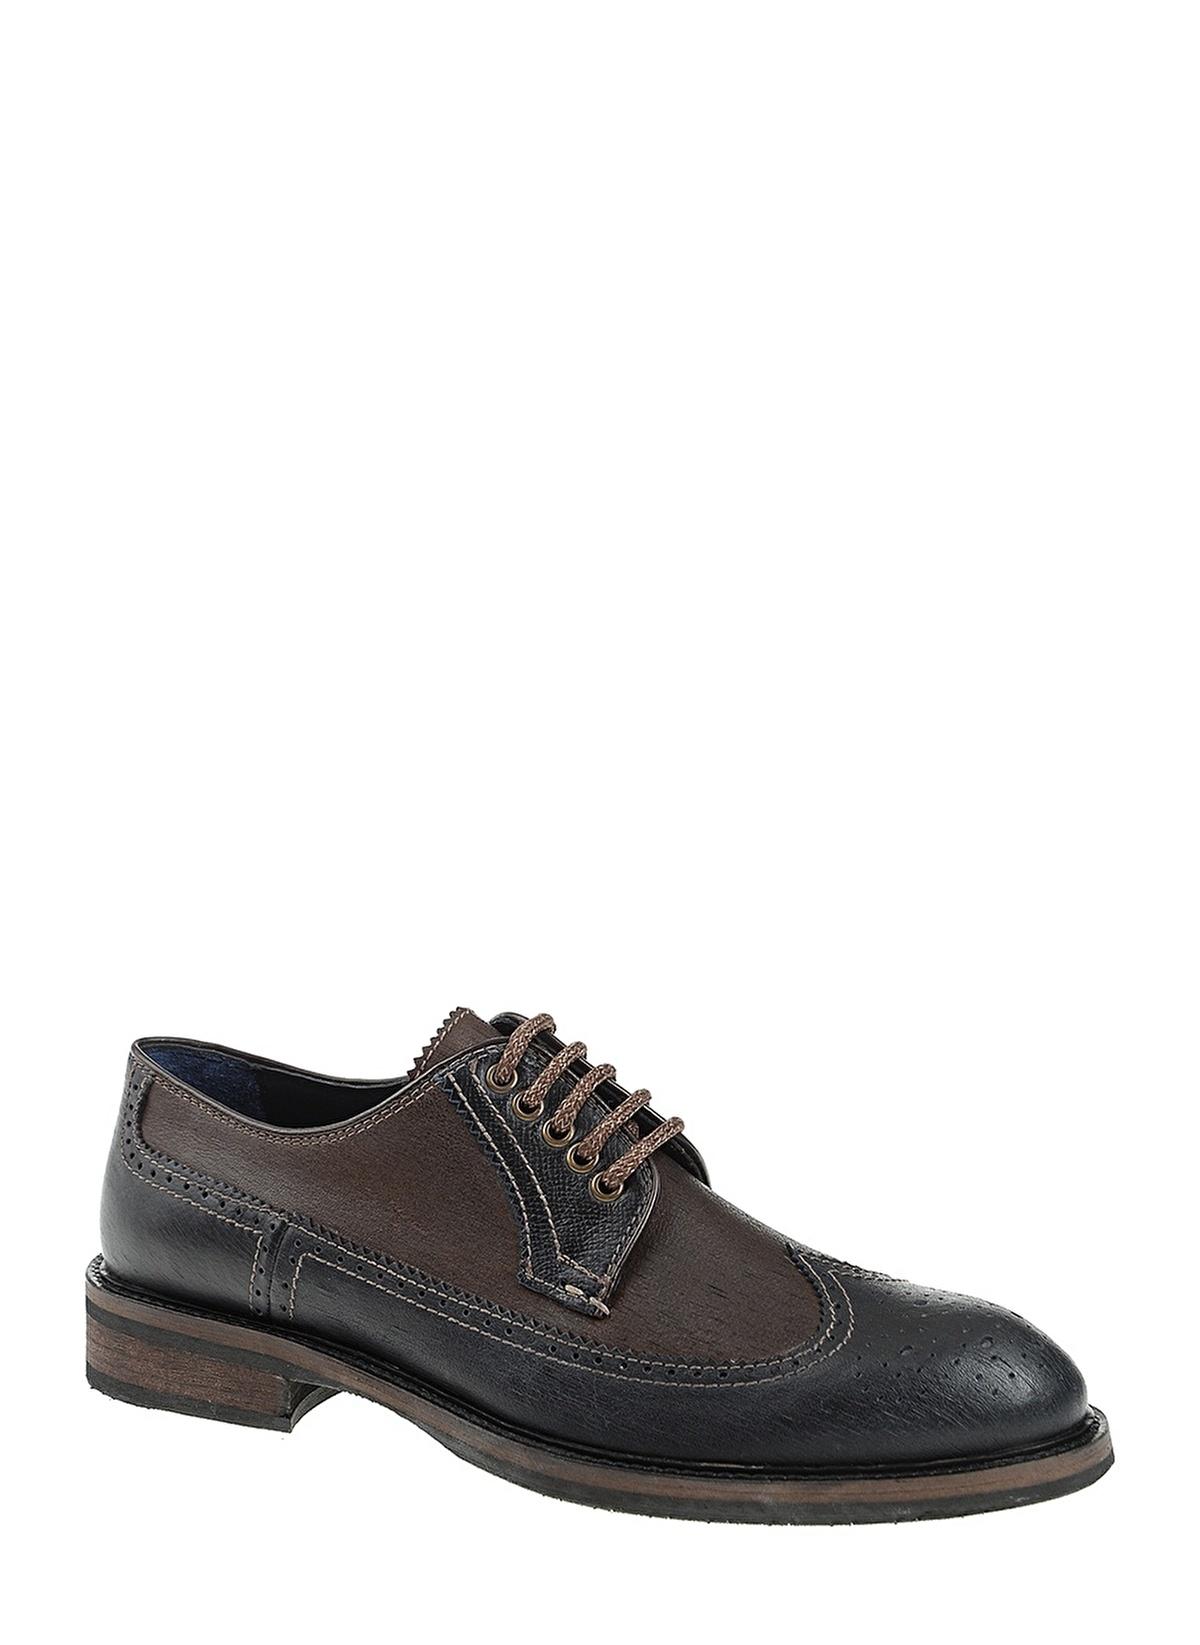 Divarese %100 Deri Oxford Ayakkabı 5020386 E Ayakkabı – 249.0 TL